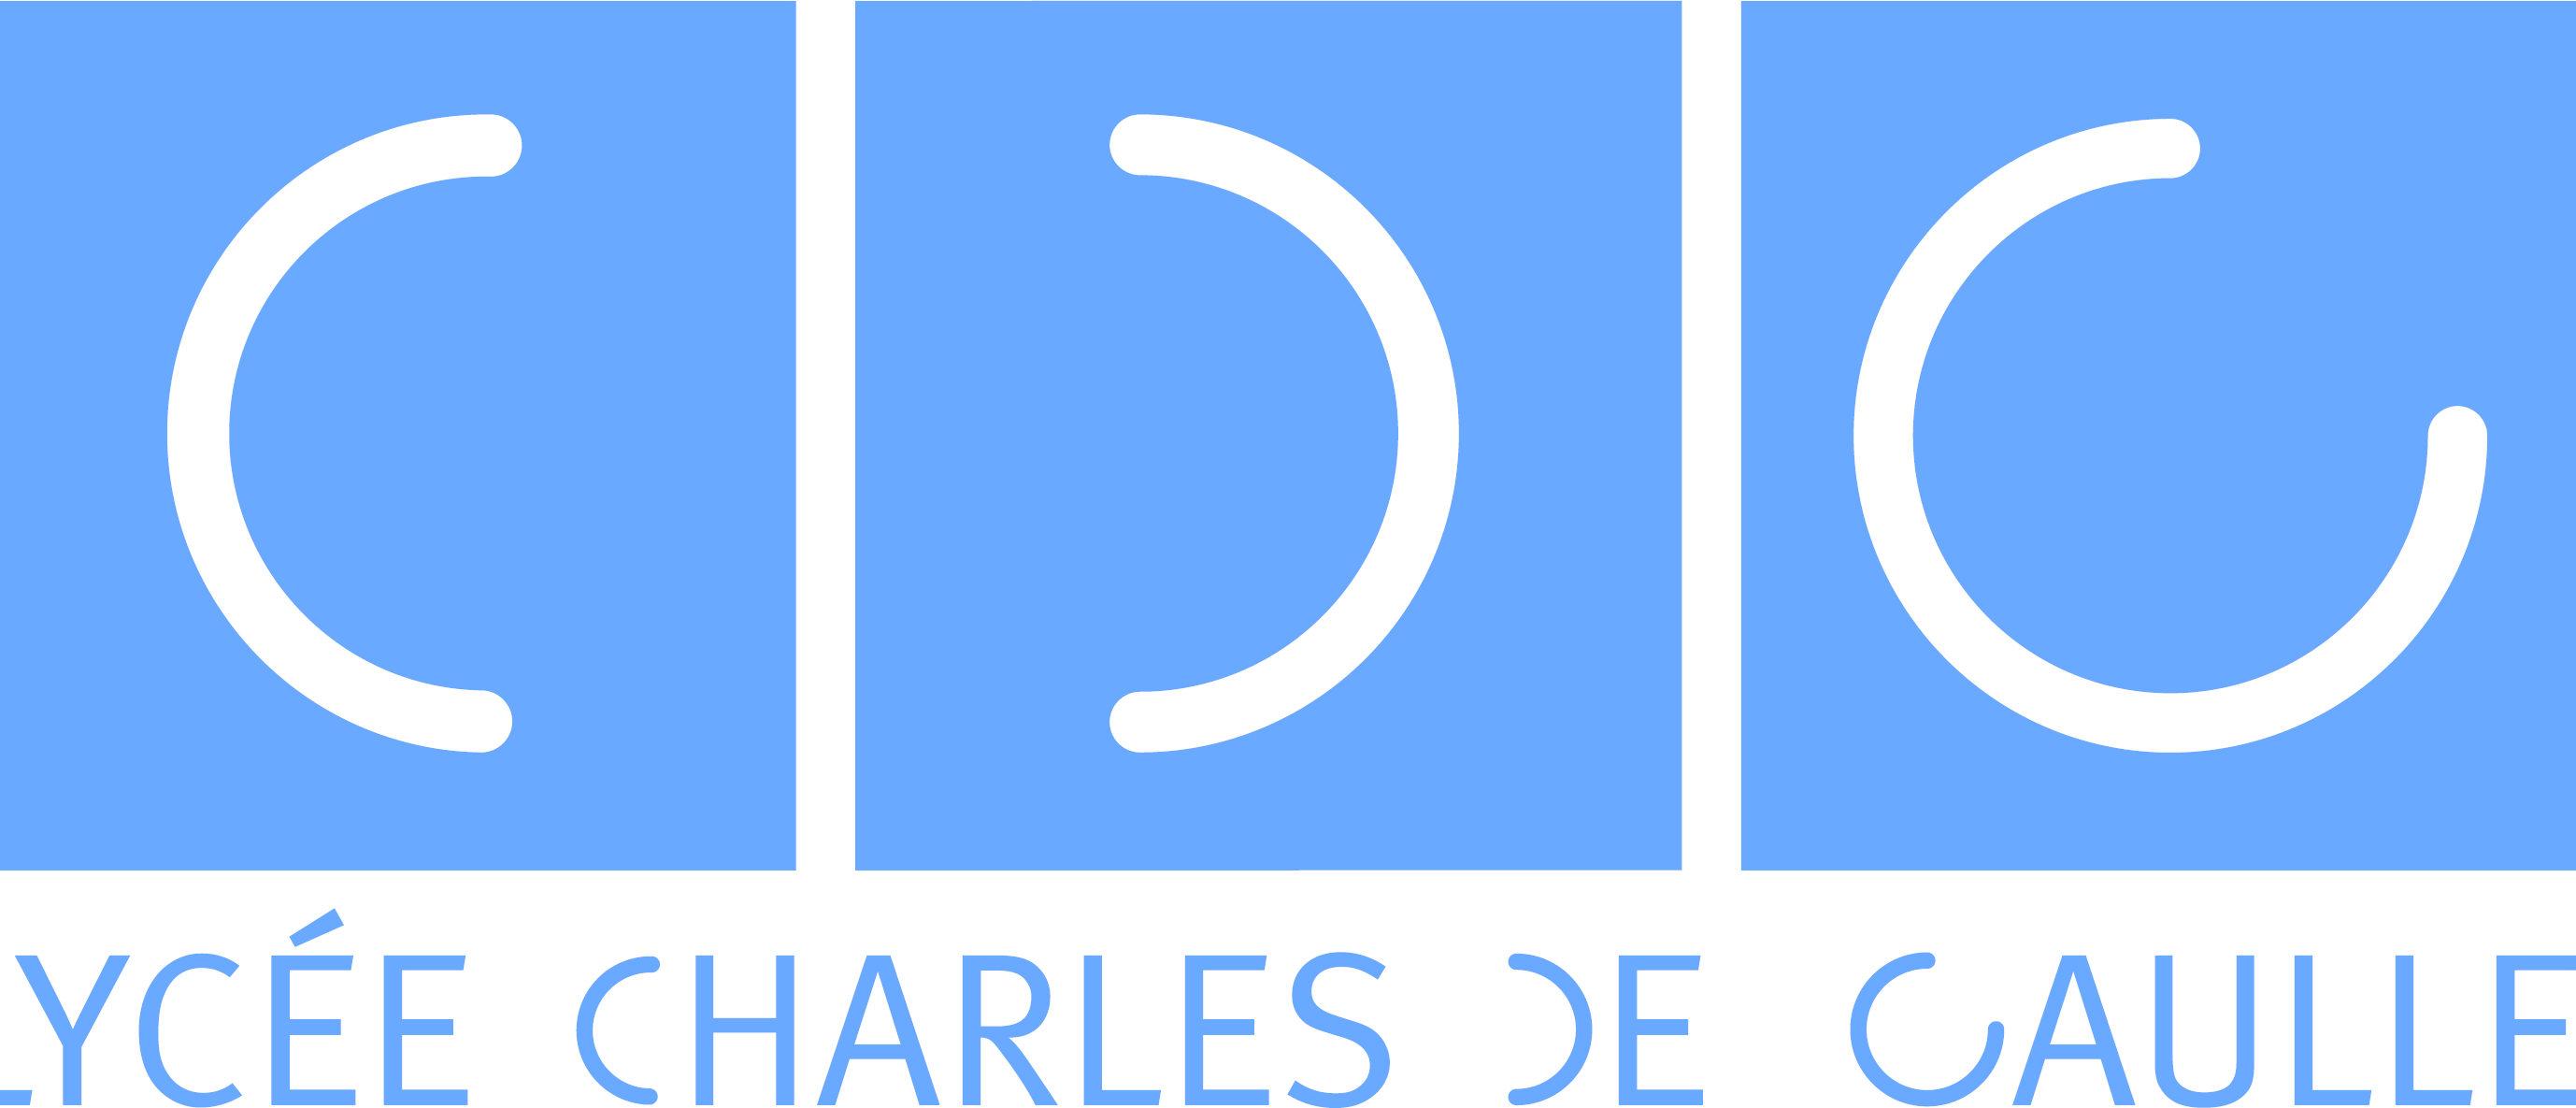 logo lcdg couleur.jpg